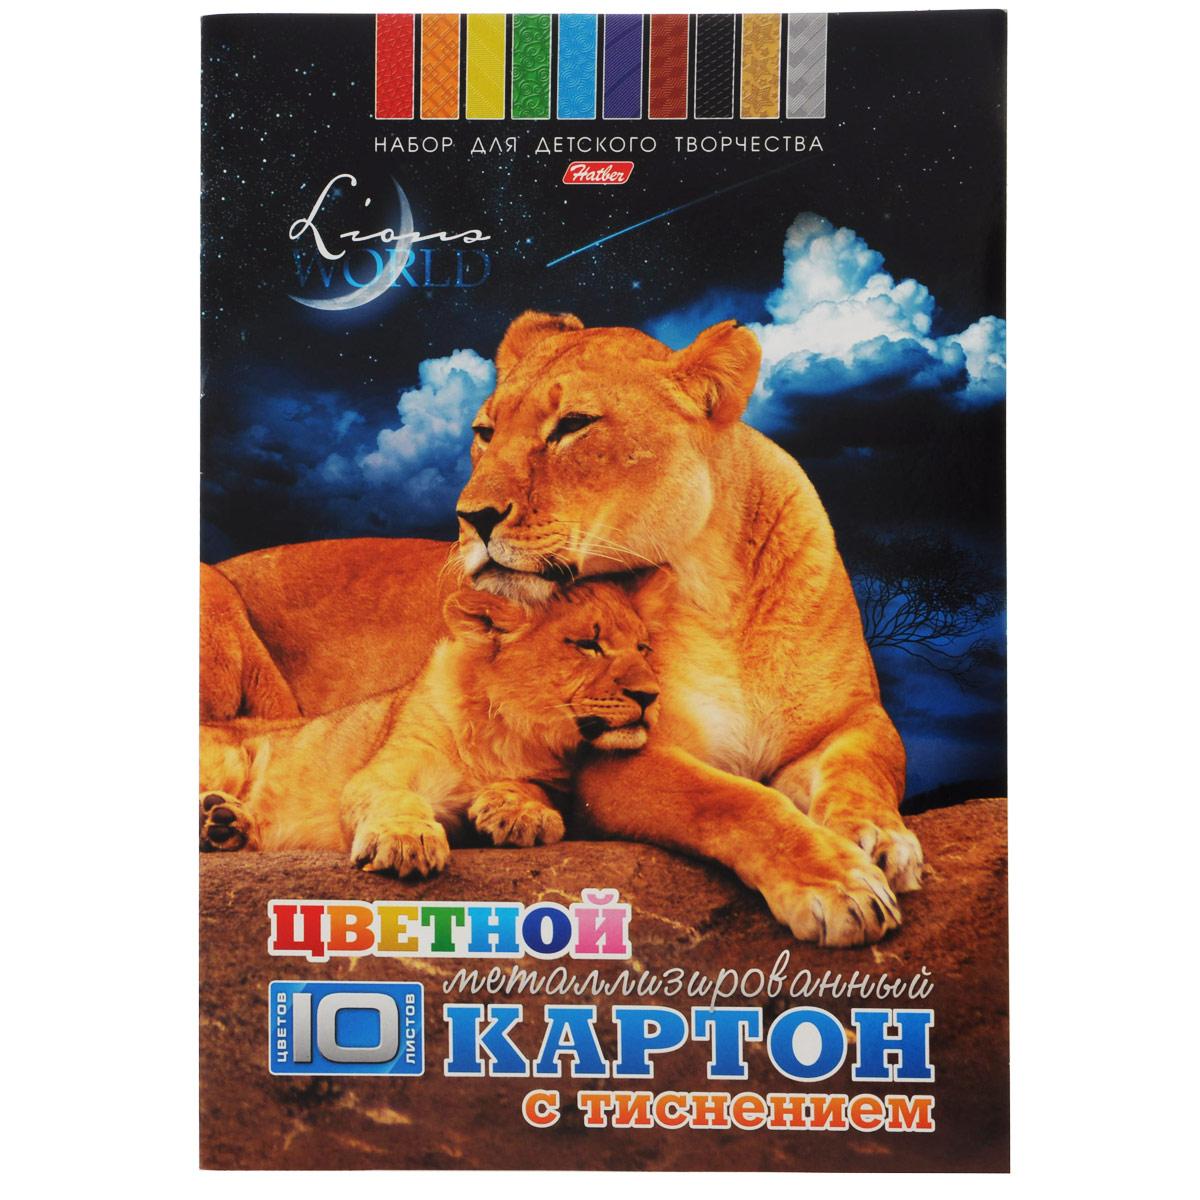 Цветной картон Hatber Мамина любовь, металлизированный, с тиснением, 10 листов1-40-252Цветной металлизированный картон Hatber Мамина любовь позволит вашему ребенку создавать всевозможные аппликации и поделки. Набор состоит из десяти листов картона зеленого, красного, сине-фиолетового, черного, золотистого, серебристого, коричневого, желтого, светло-зеленого и синего цветов с объемным тиснением различными узорами. Картон упакован в яркую оригинальную картонную папку. Создание поделок из цветного картона поможет ребенку в развитии творческих способностей, кроме того, это увлекательный досуг.Рекомендуемый возраст от 6 лет.